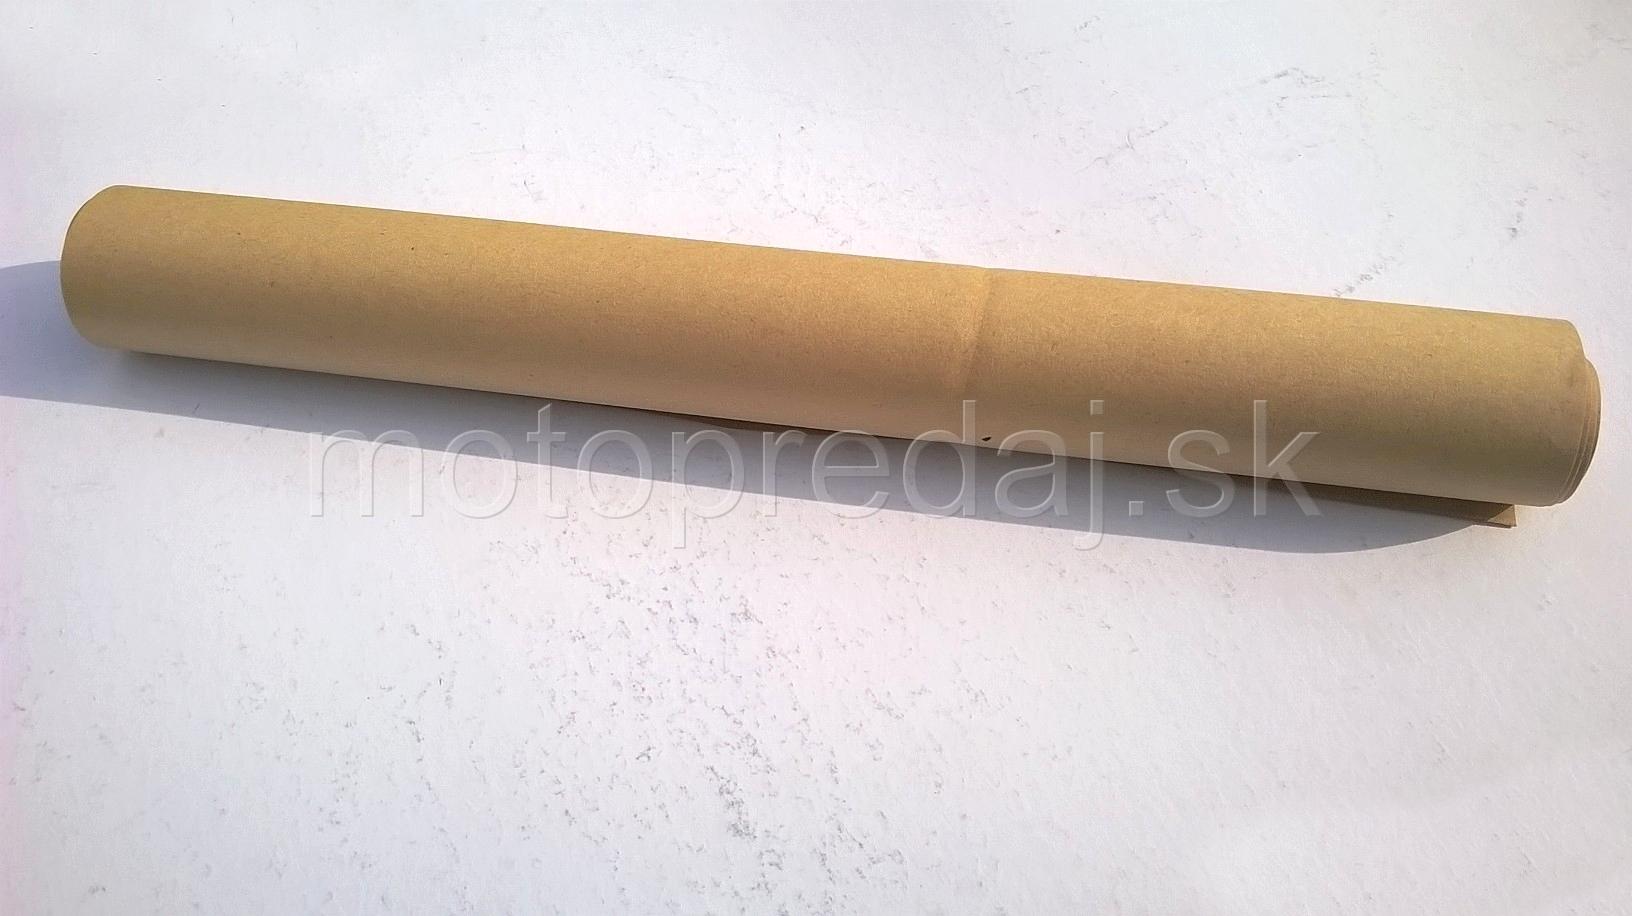 Tesniaci papier rolovaný 720×470 mm, hrúbka 0.3mm